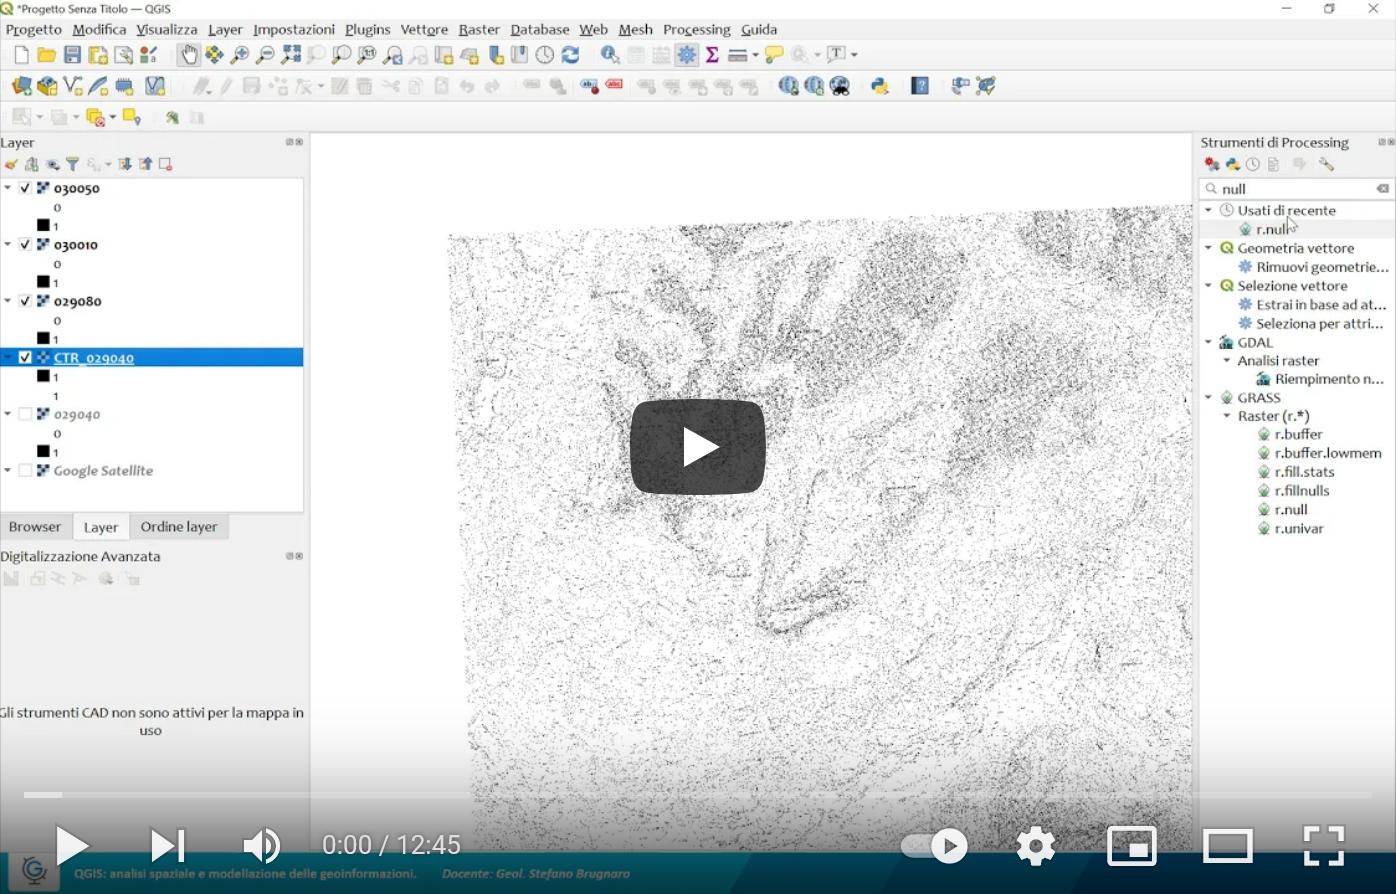 QGIS: analisi spaziale e modellazione delle geoinformazioni (Lez.2)